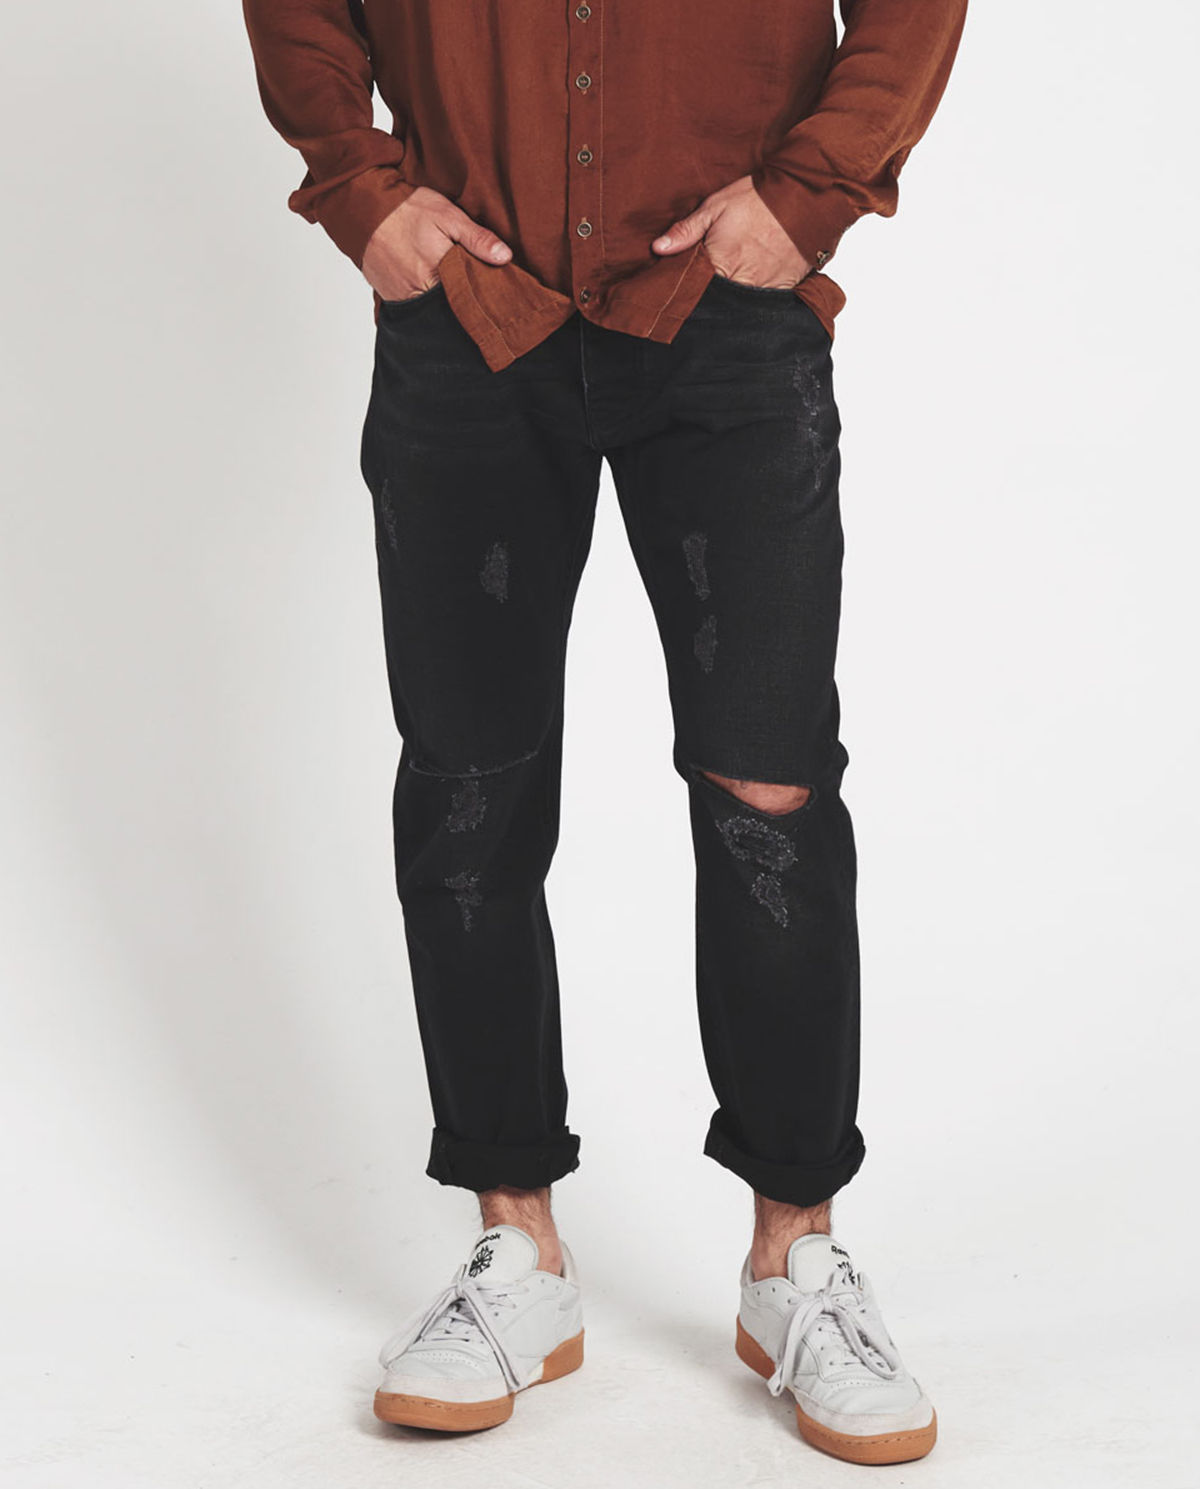 07412b8482237a Spodnie black wednesday ONETEASPOON – Kup Teraz! Najlepsze ceny i opinie!  Sklep Moliera2.com